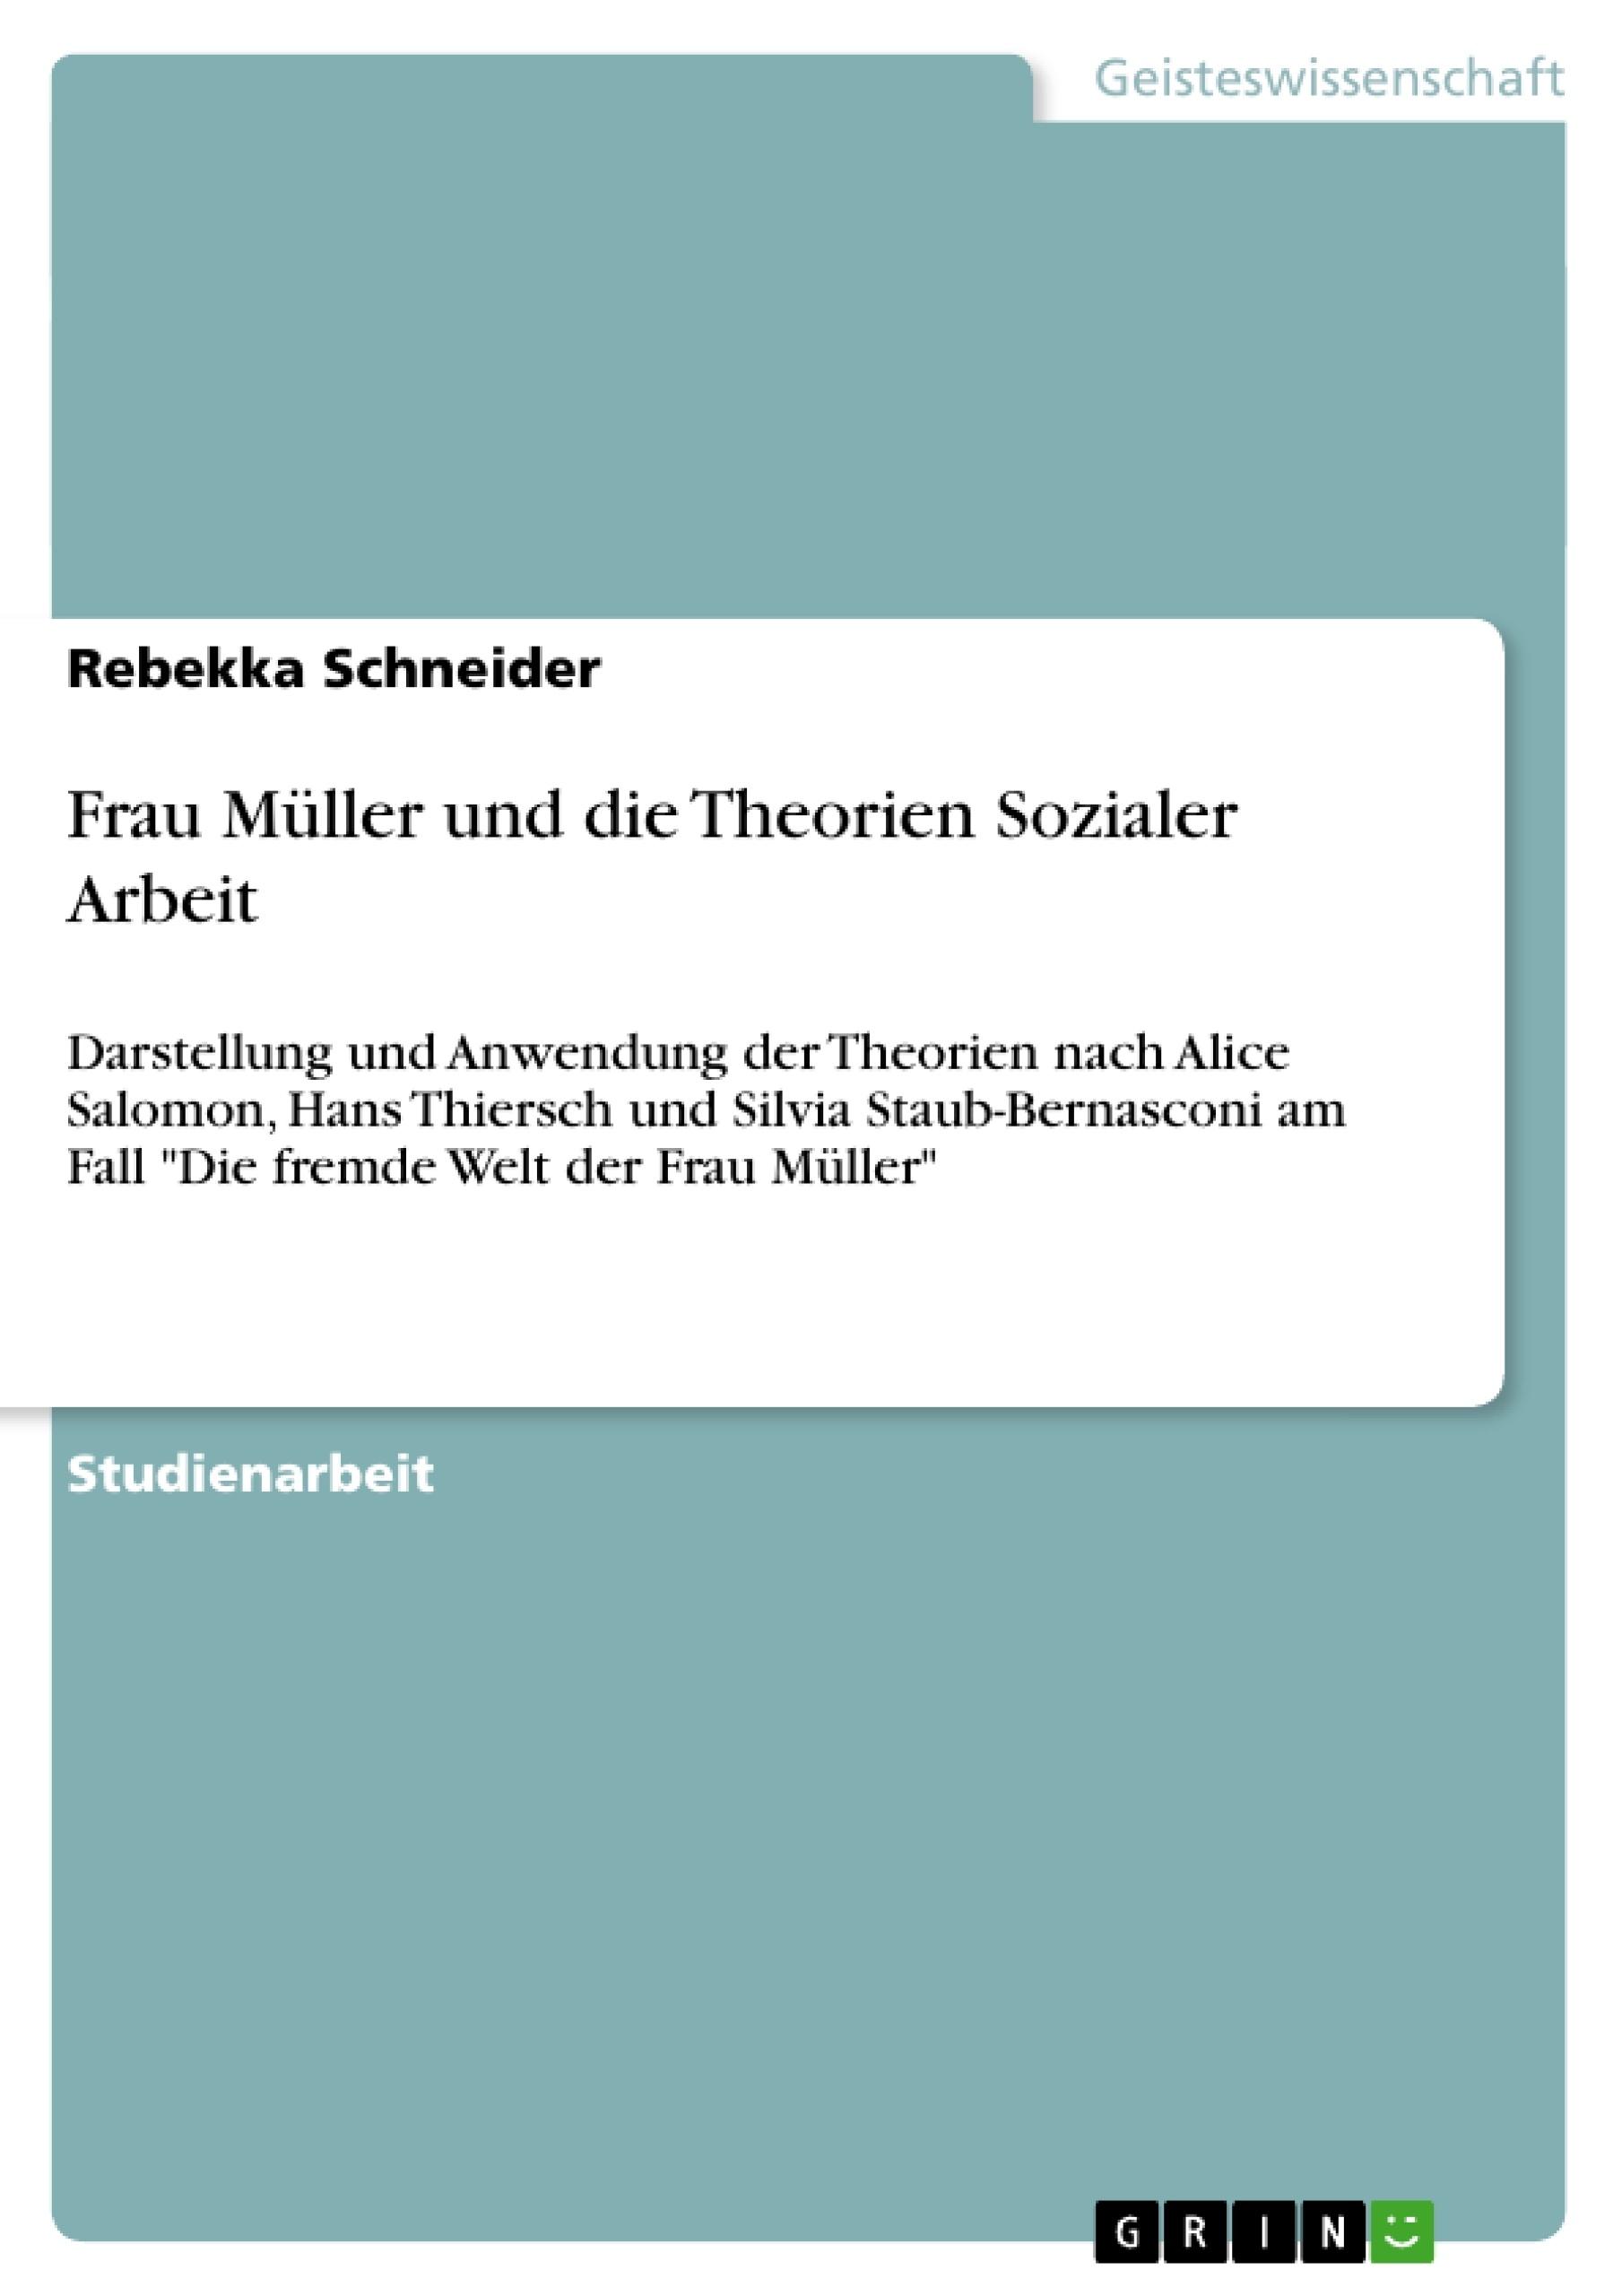 Titel: Frau Müller und die Theorien Sozialer Arbeit